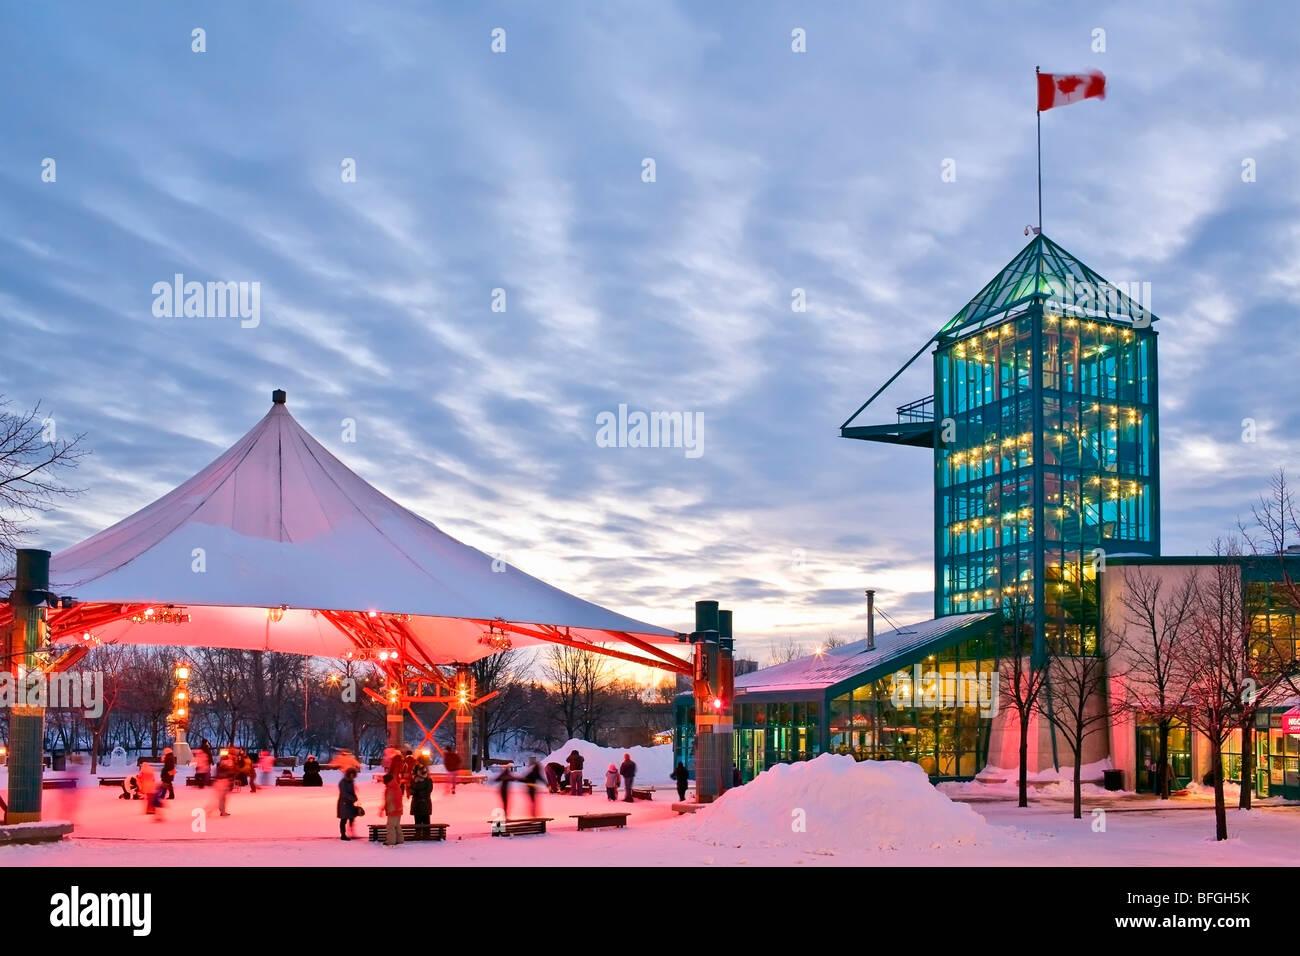 Los patinadores sobre hielo bajo el pabellón toldo en las horquillas, Winnipeg, Manitoba, Canadá Foto de stock